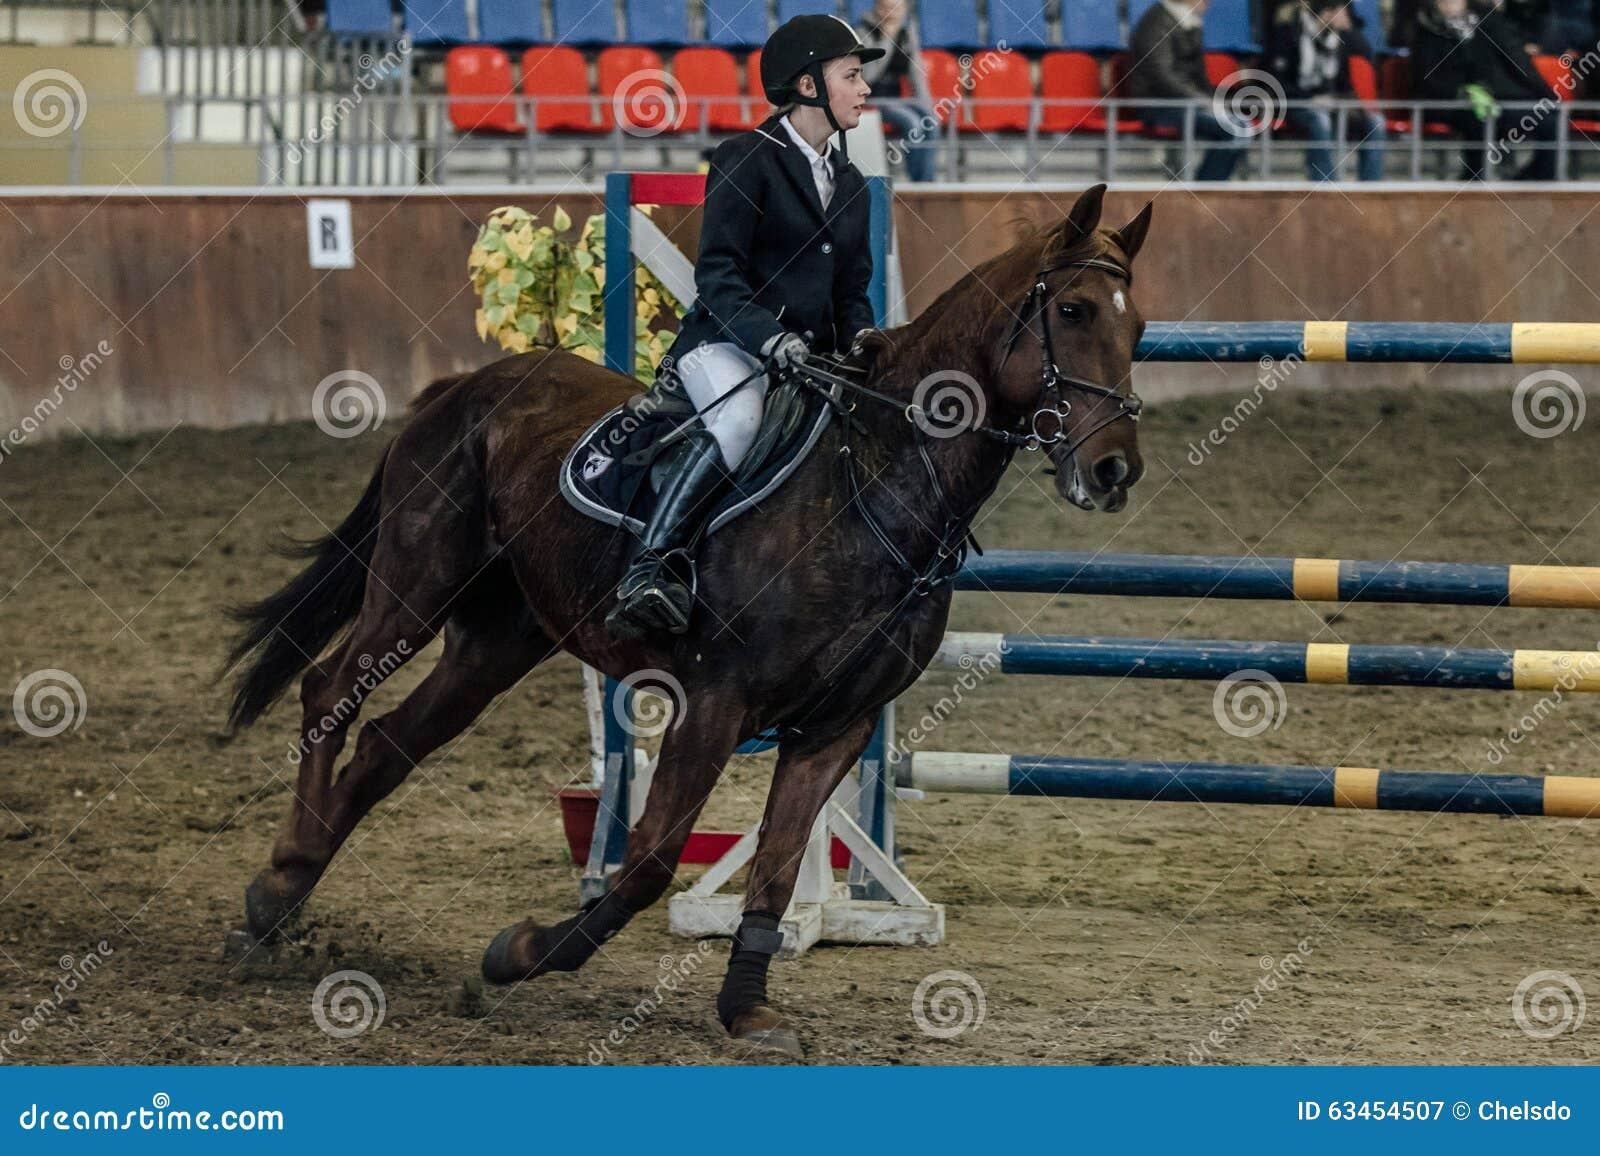 Ung häst för kvinnlig idrottsman nen som galopperar över komplex jakt och fiske